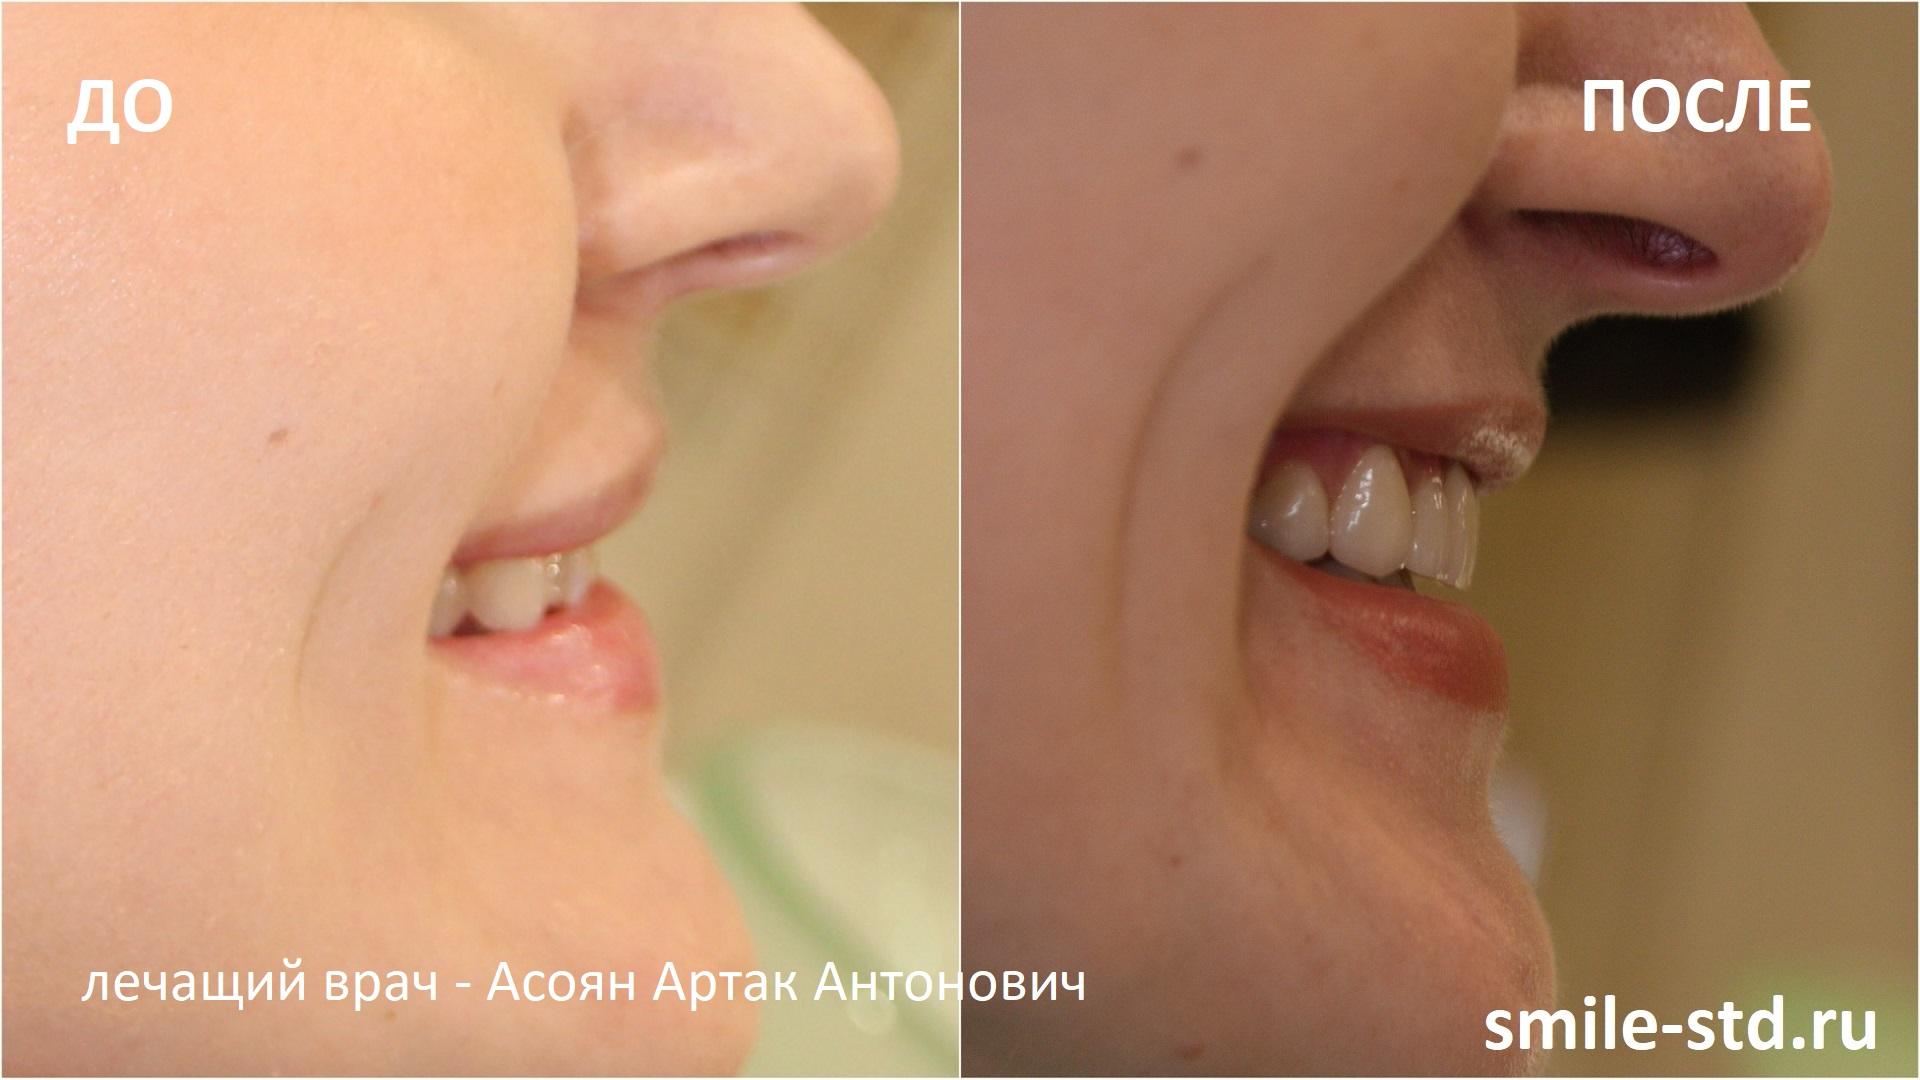 Сравнение улыбки до и после установки виниров. Пациент клиники Smile STD в Измайлово. Лечащий врач – Асоян Артак Антонович